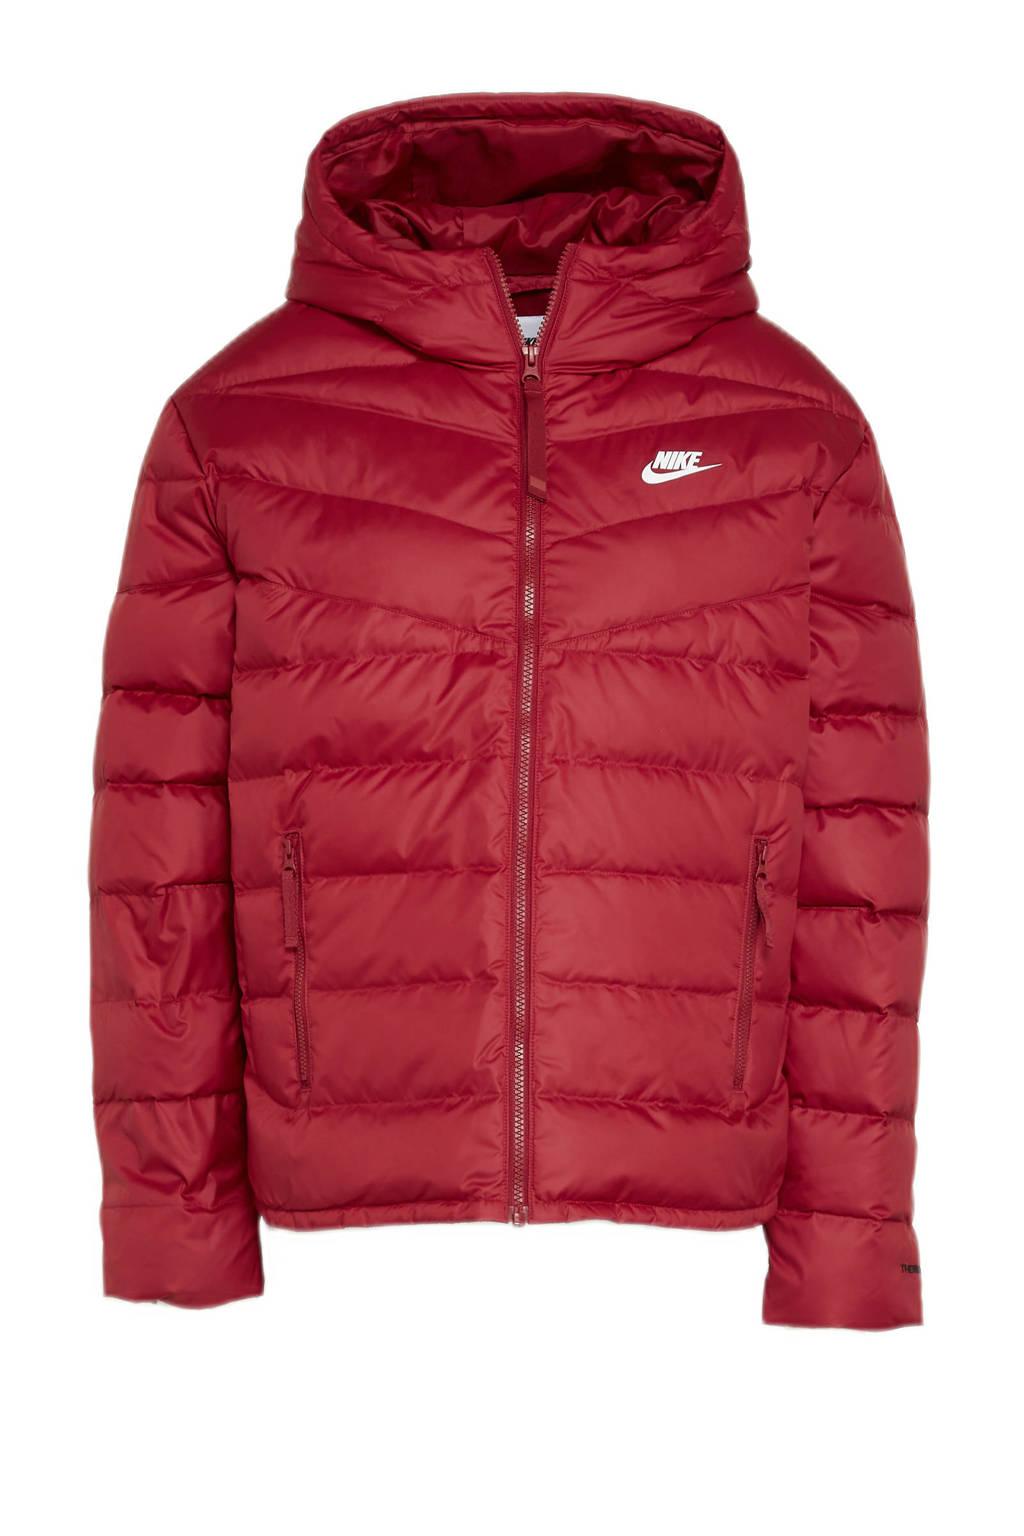 Nike gewatteerde jas met logo rood, Rood